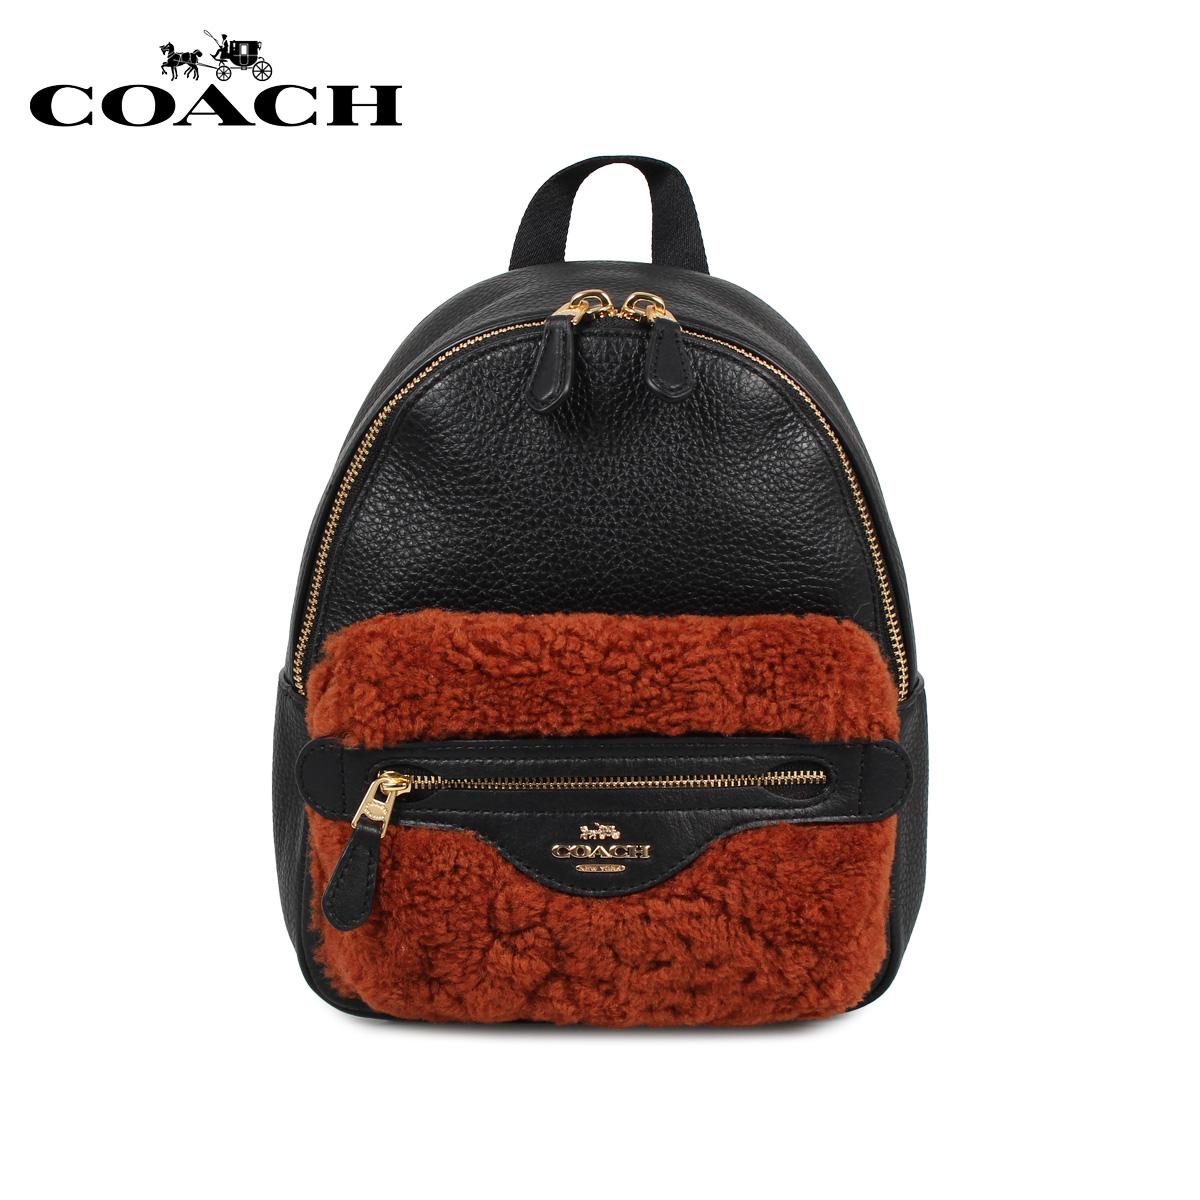 COACH F76666 コーチ バッグ リュック バッグパック レディース ブラック 黒 [11/27 新入荷]